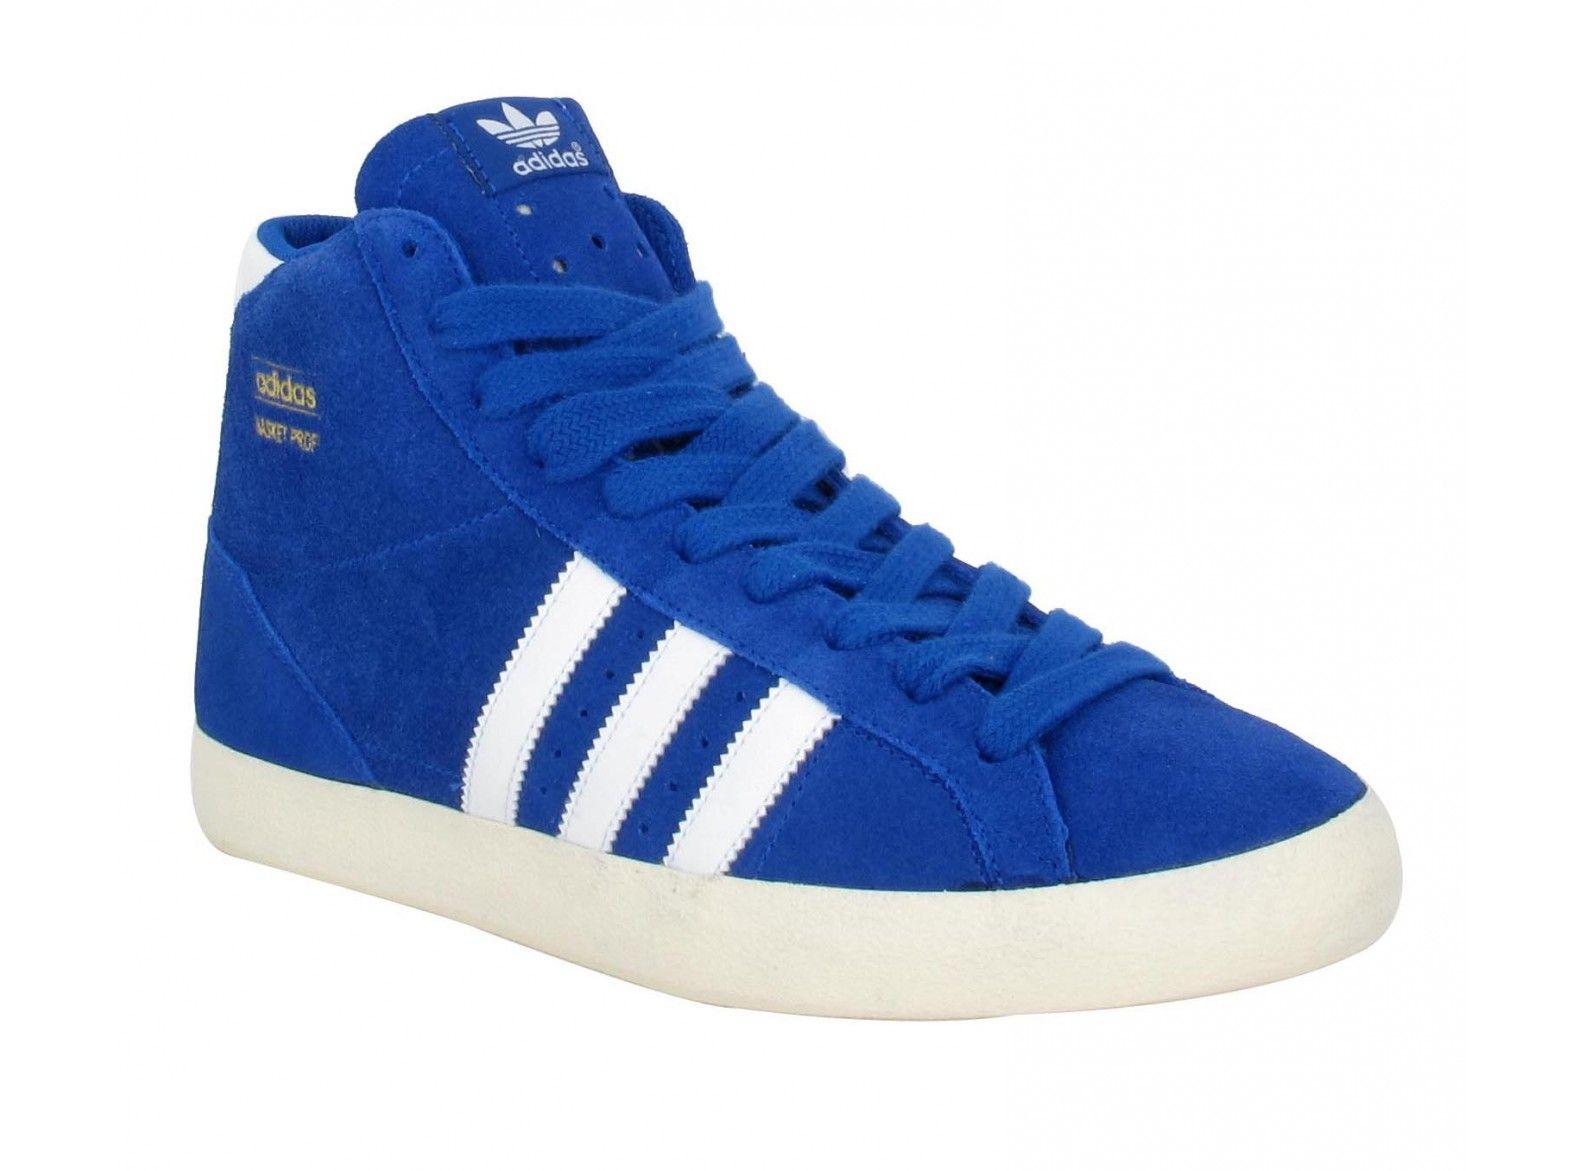 adidas chaussures homme bleu